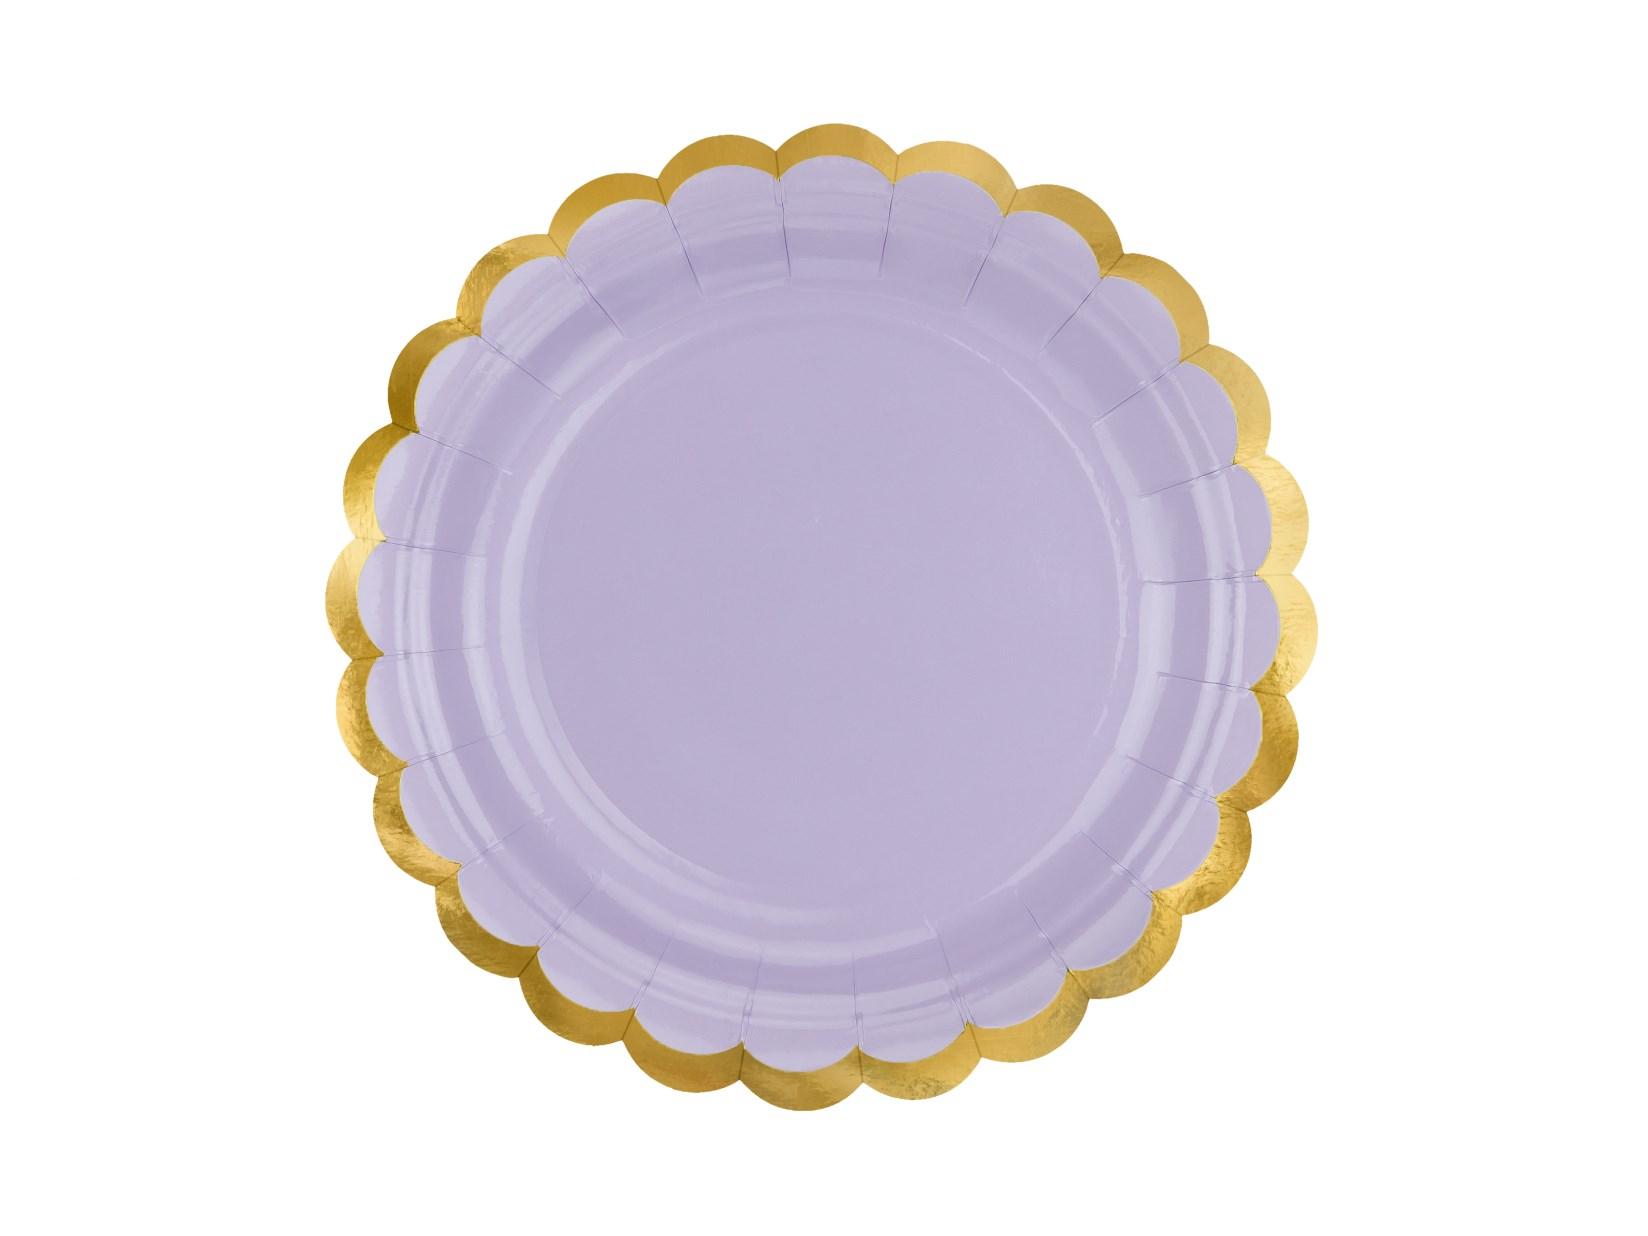 Χάρτινα Πιάτα Λιλά με Χρυσό 18εκ – 6 Τεμάχια